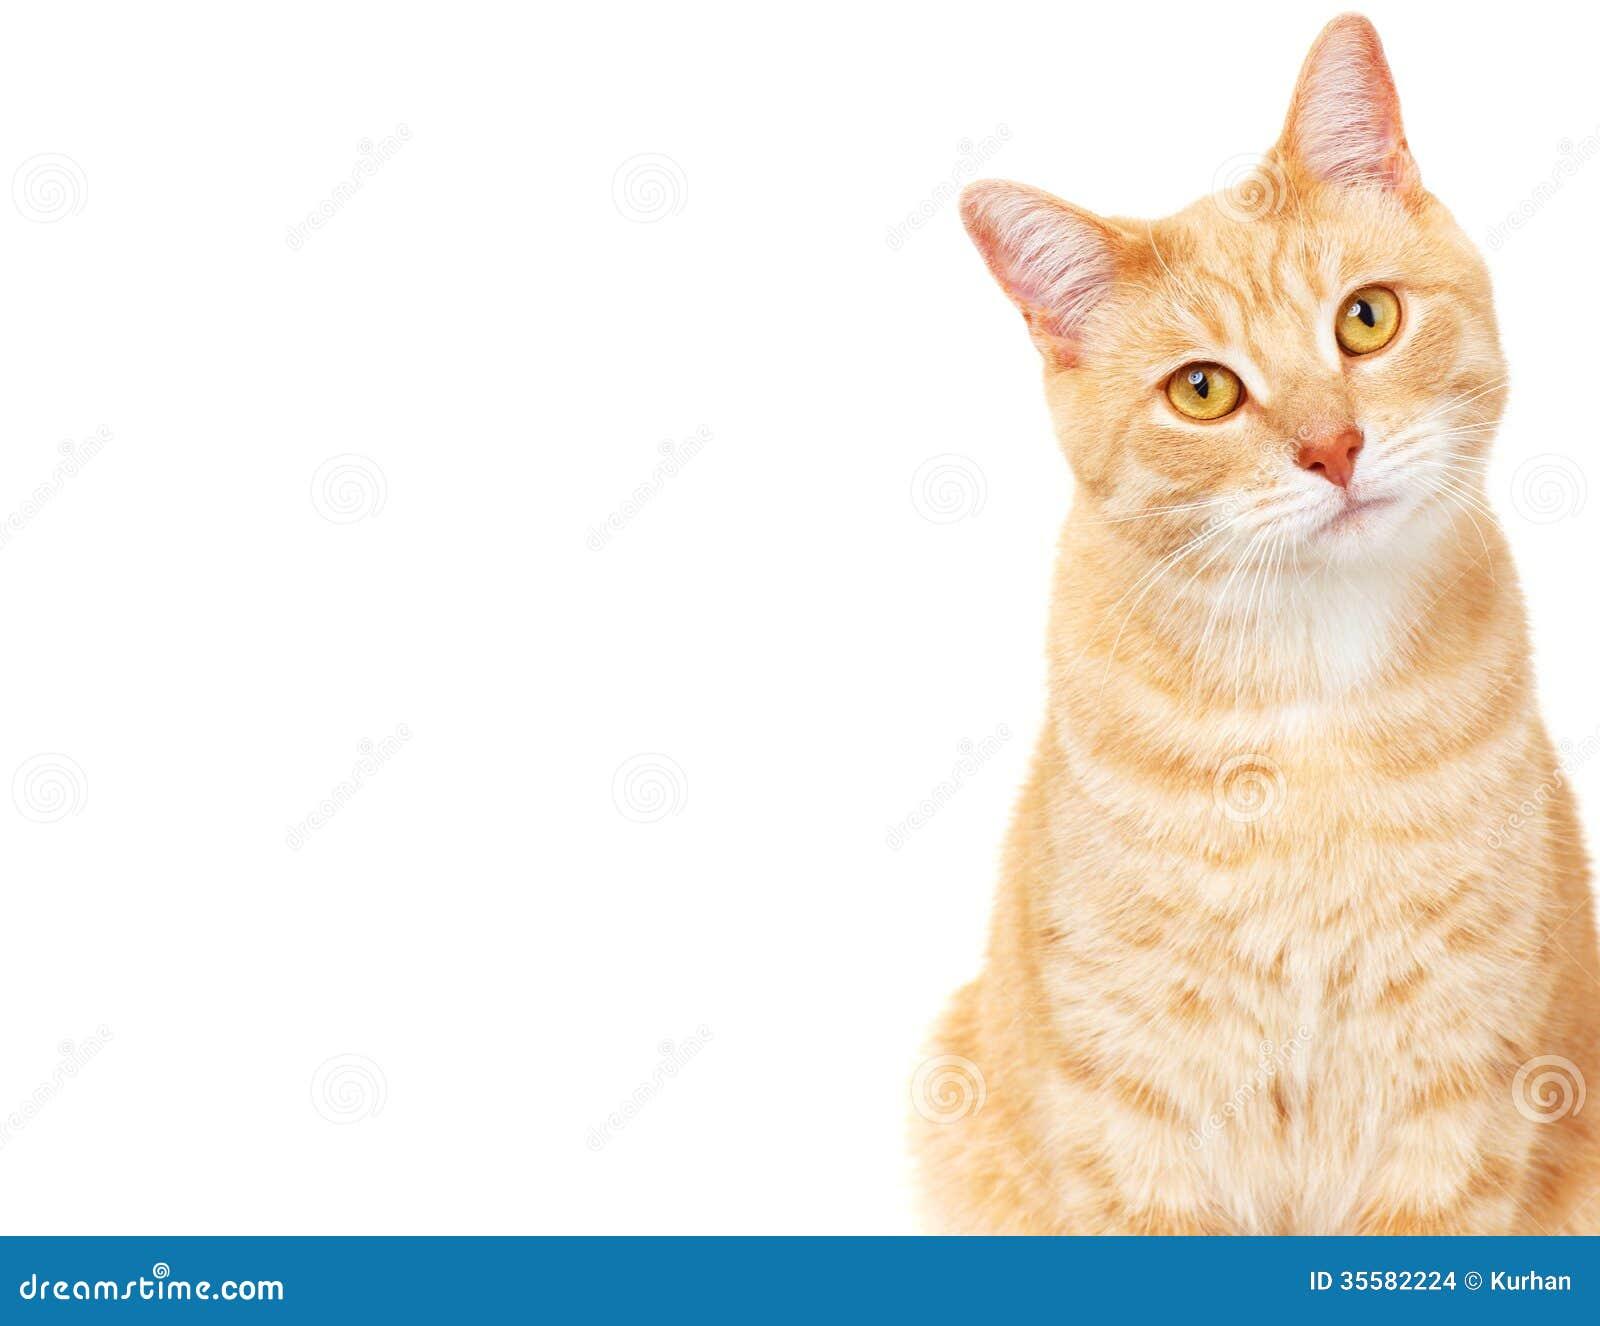 Pet cat.